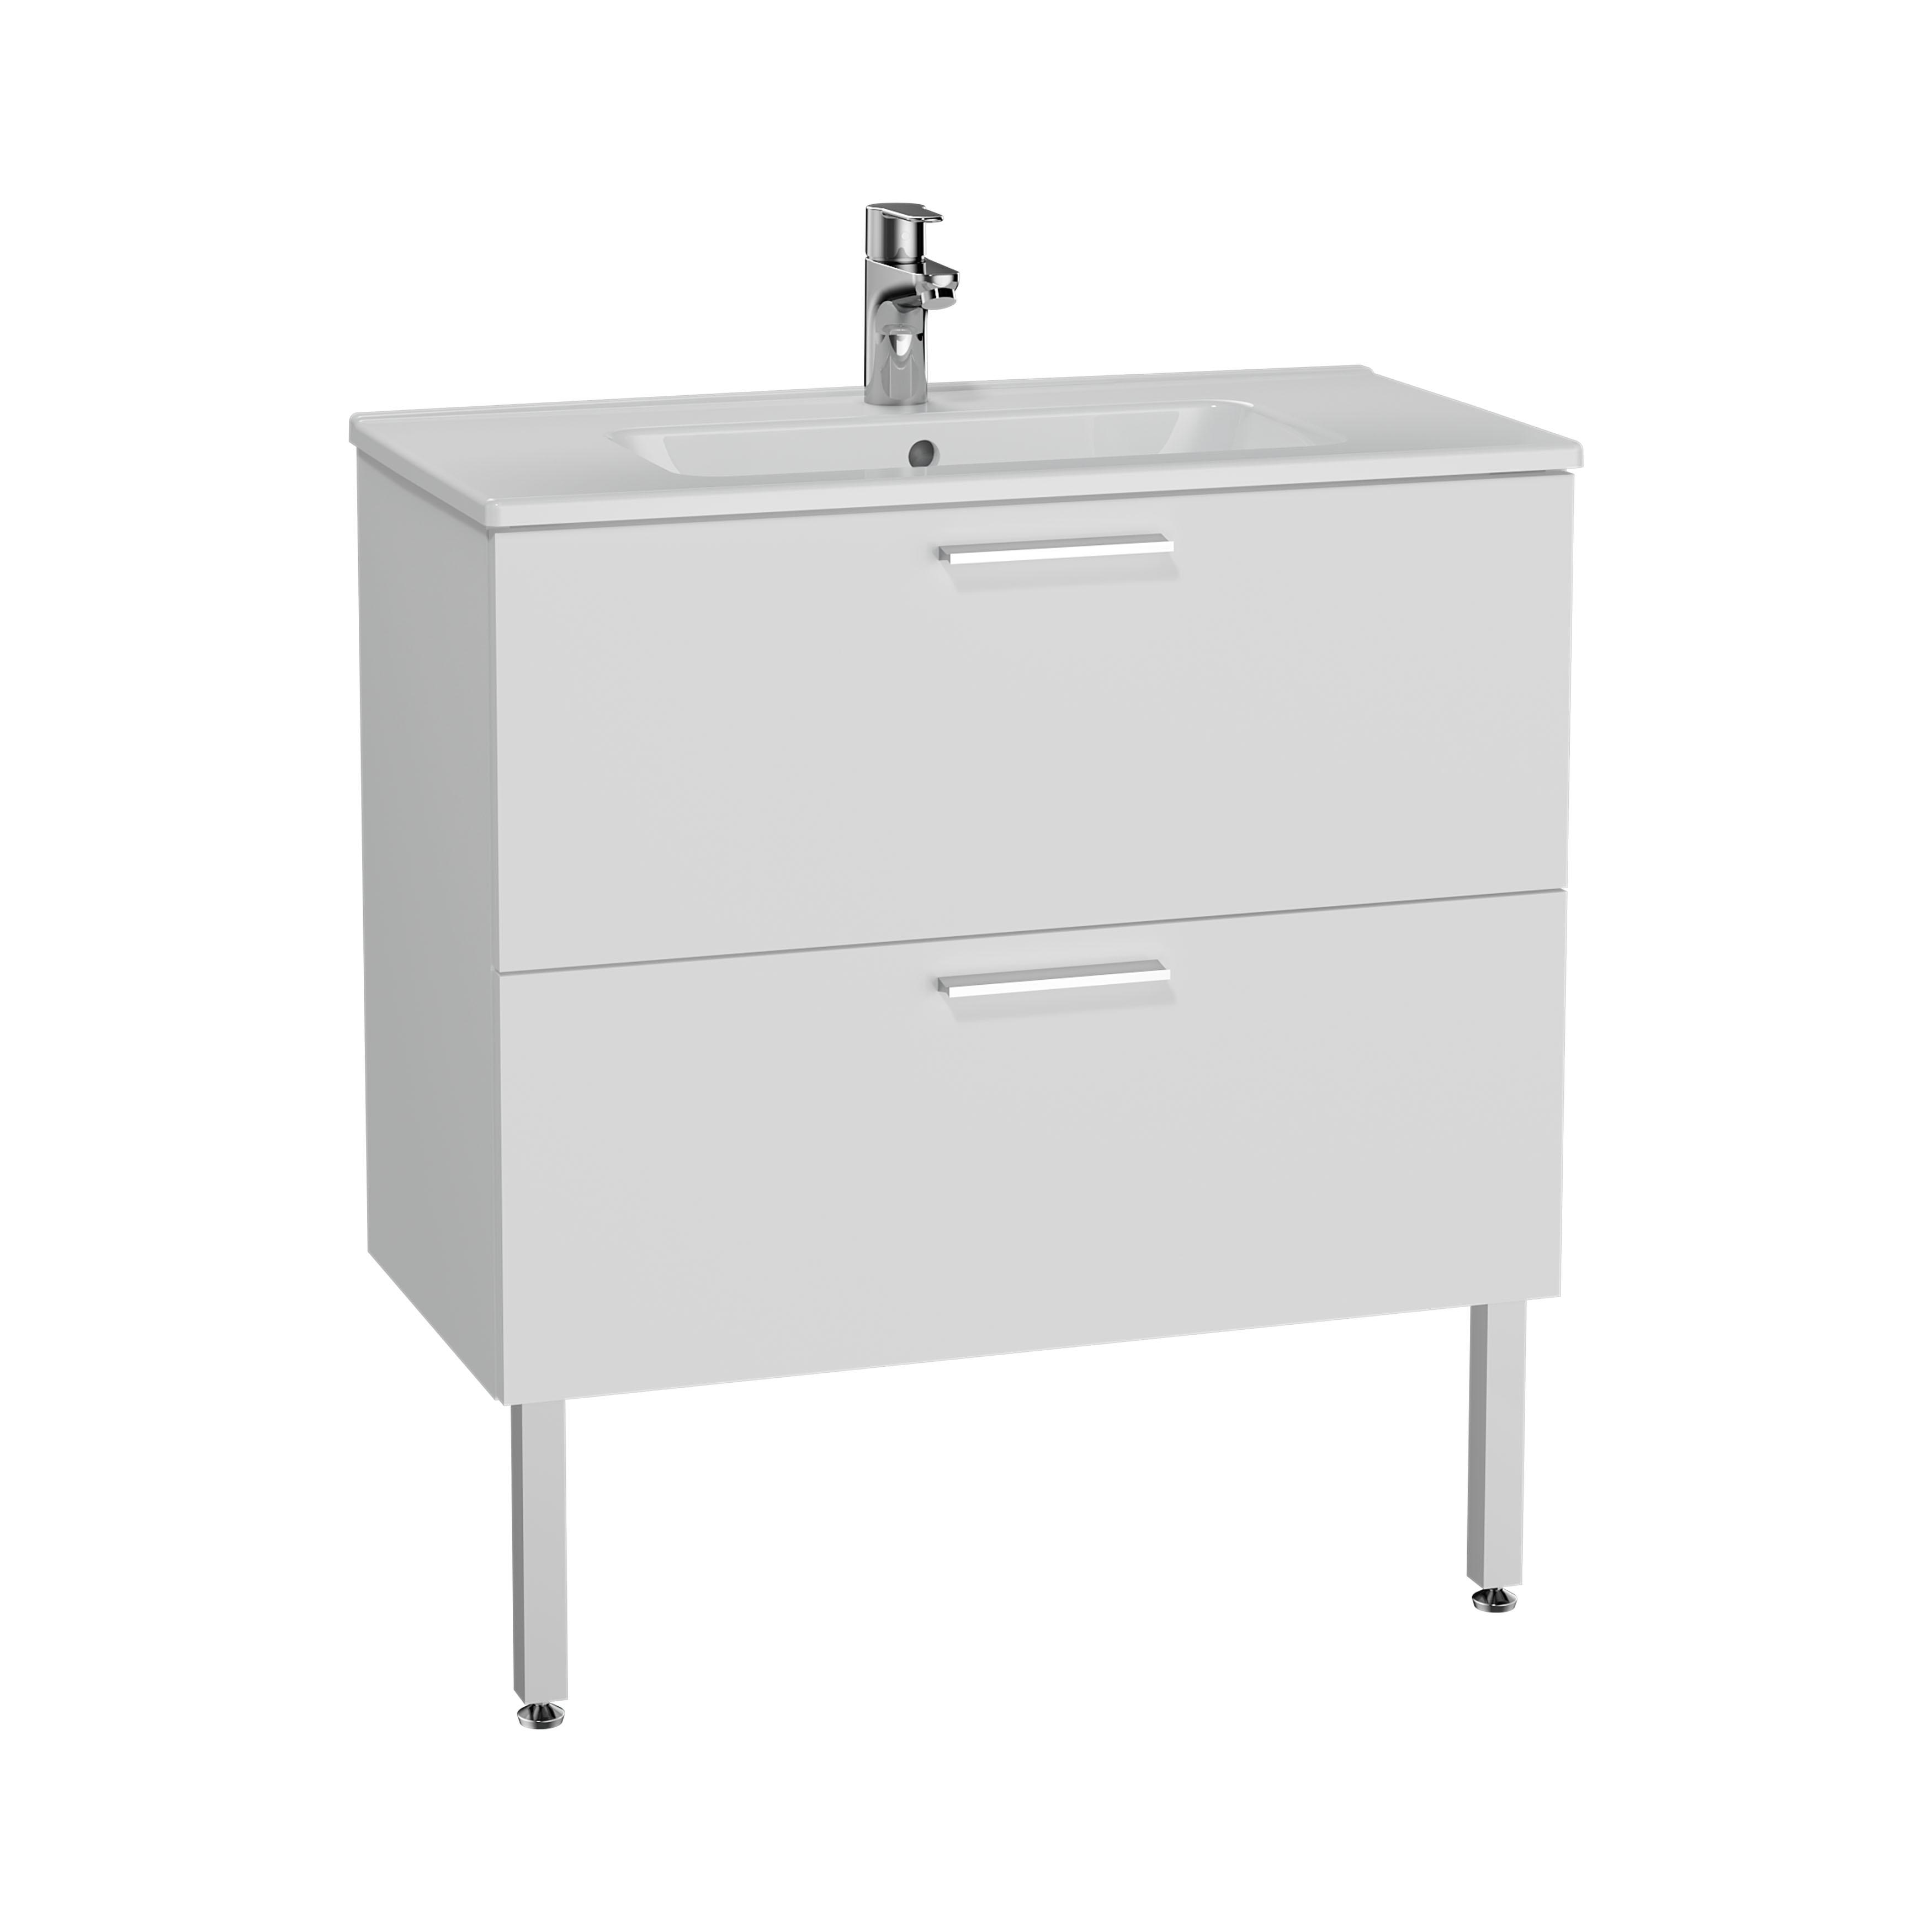 Mia set de meuble, avec 2 tiroirs, sans miroir et éclairage, 80 cm, blanc